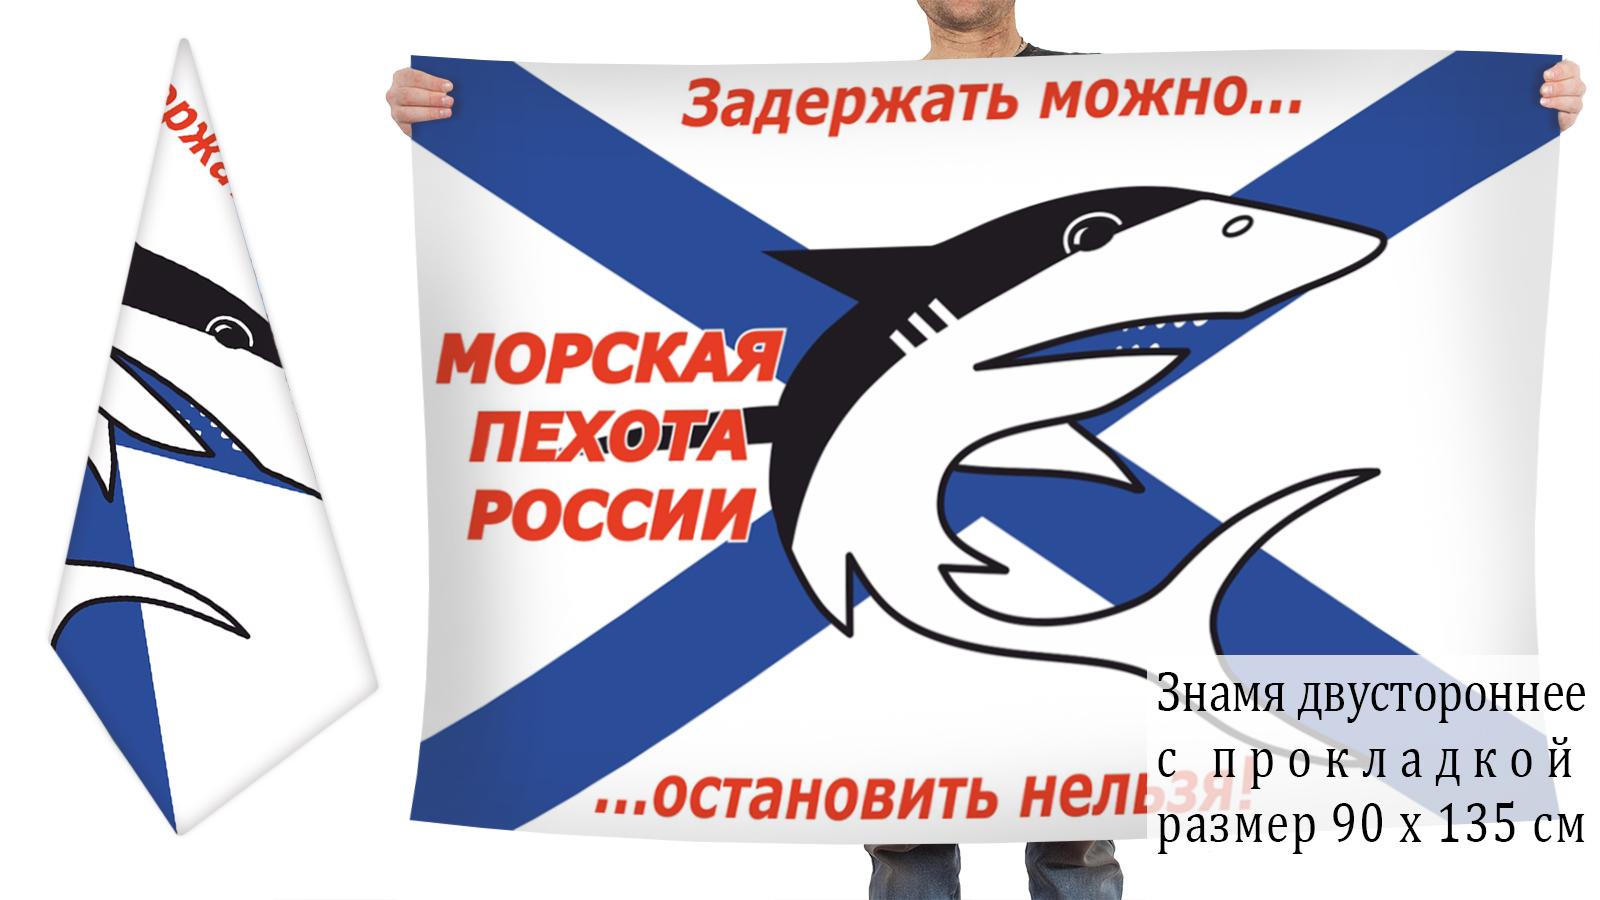 Двусторонний флаг Морская пехота России